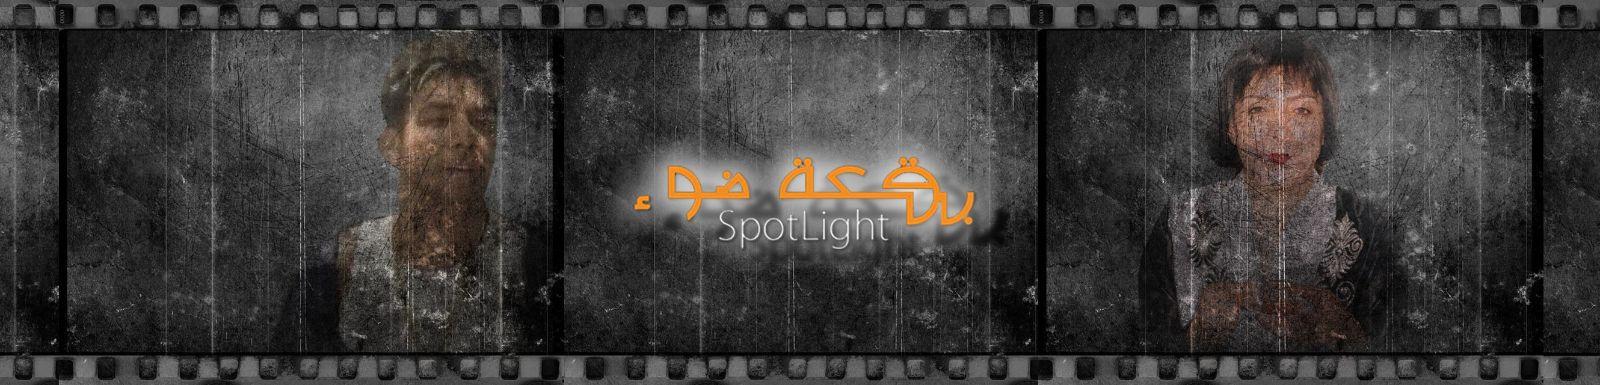 مشاهدة وتحميل مسلسل بقعة ضوء الجزء الثاني الحلقة 15 الخامسة عشر كاملة 2014